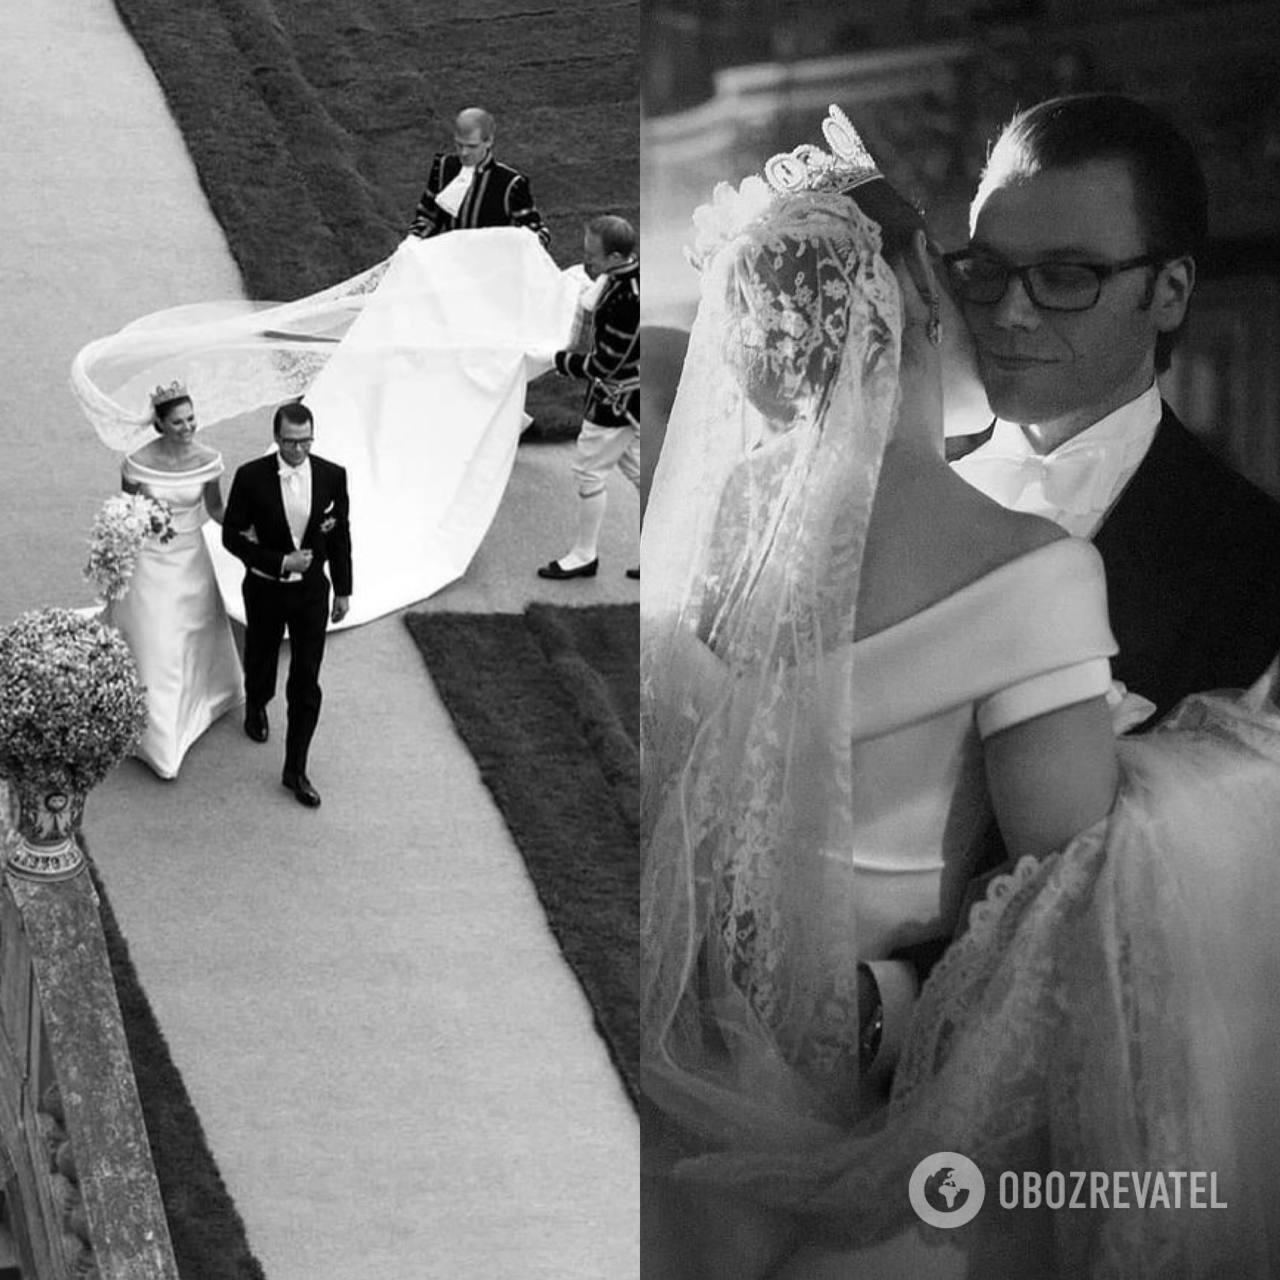 Принцеса Євгенія і принц Даніель поділилися кадрами з весілля